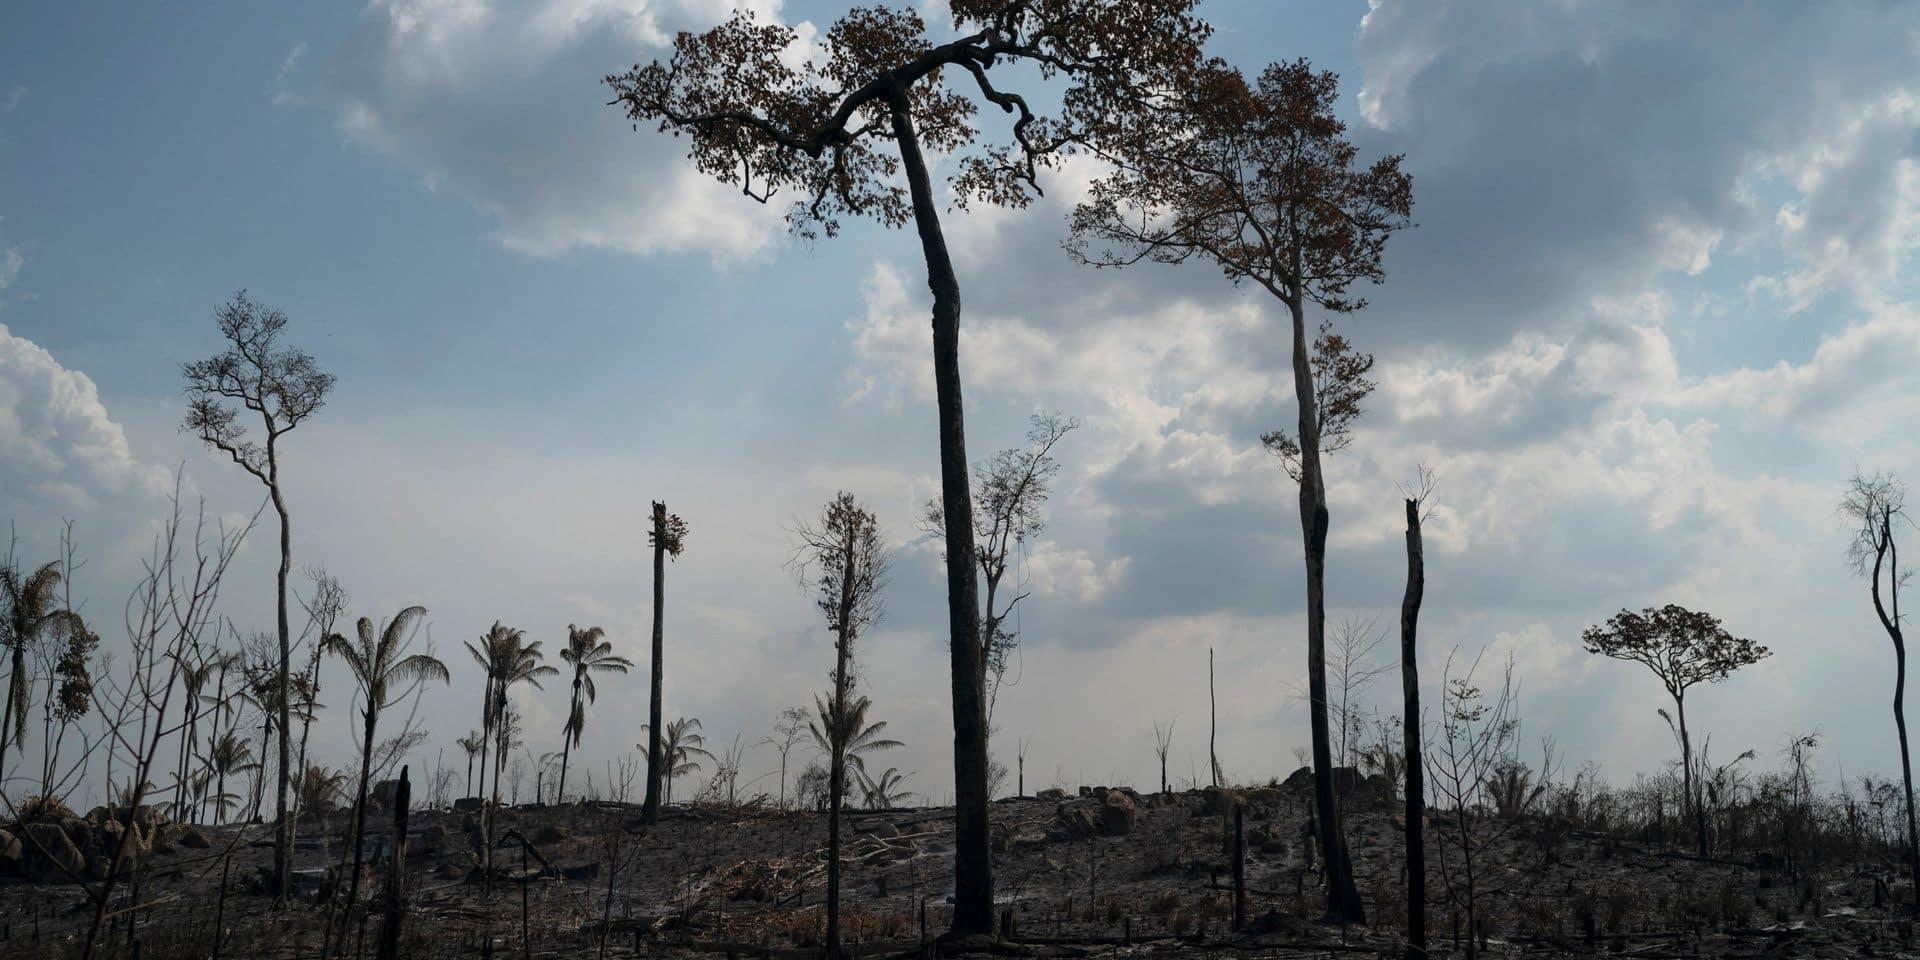 Et si on interdisait les produits issus de la déforestation en Amazonie? C'est ce que proposent des ONG et députés français